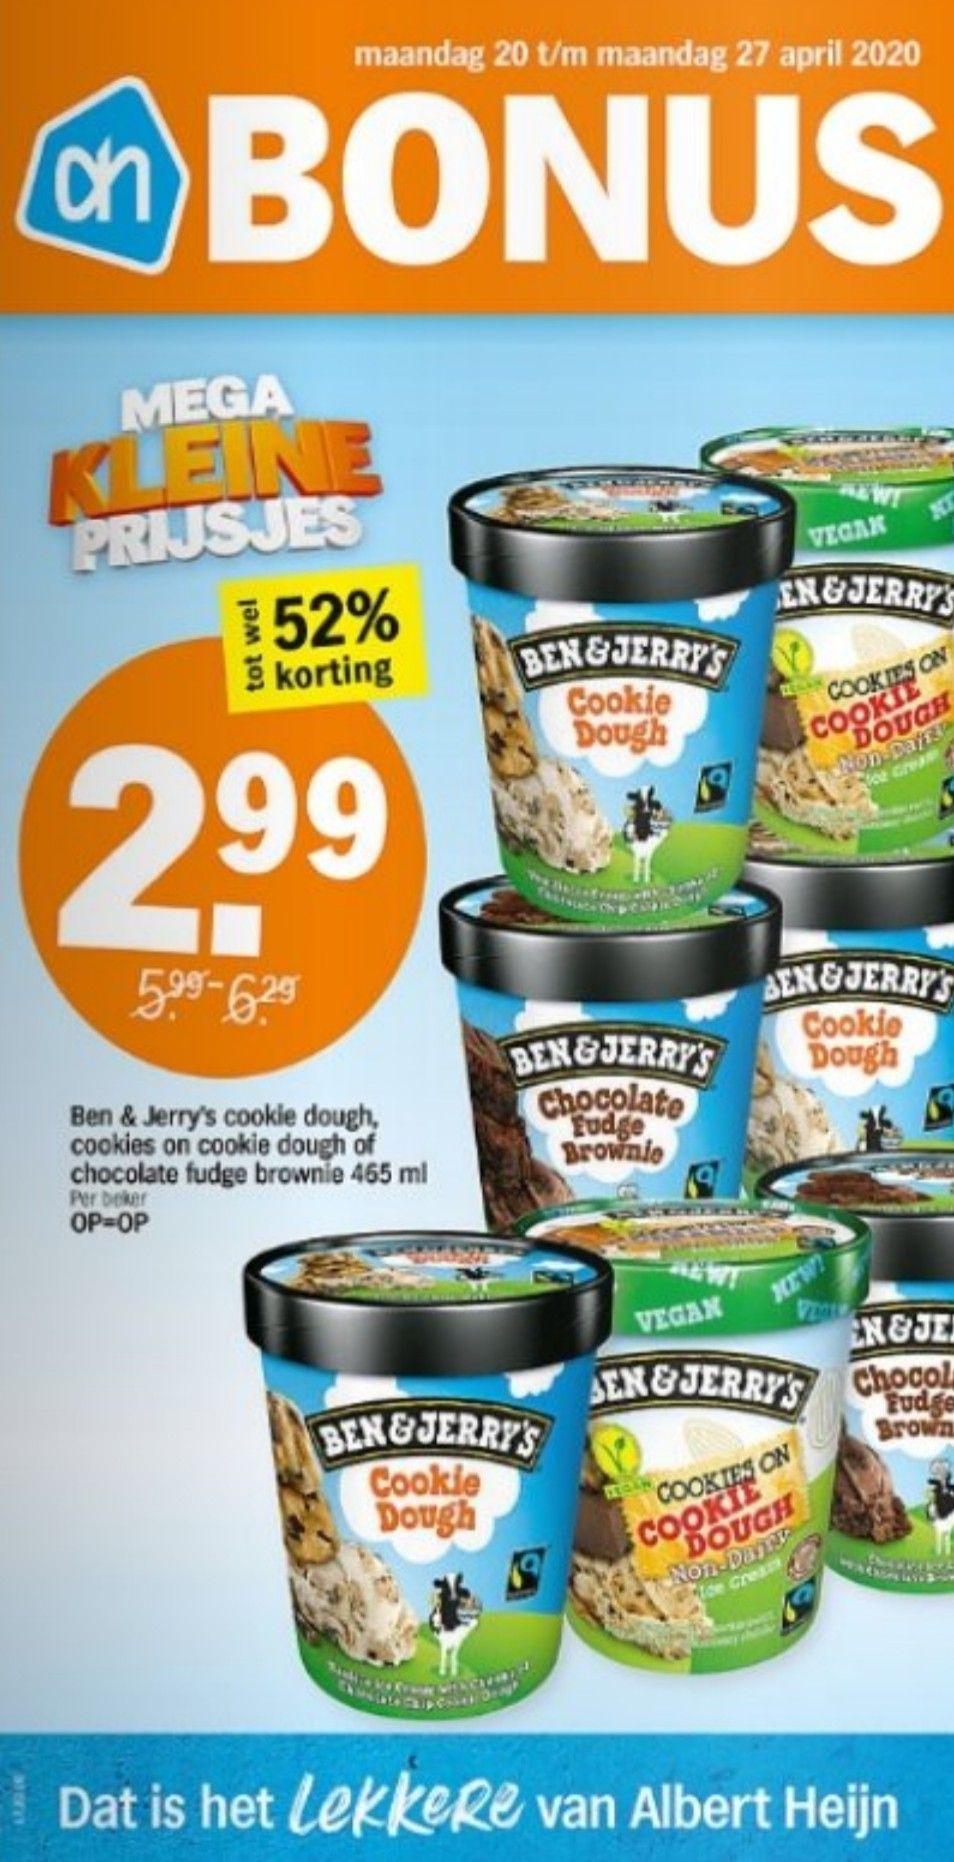 Deze week bij AH, Ben & Jerry's voor €2,99 per beker 465 ml.